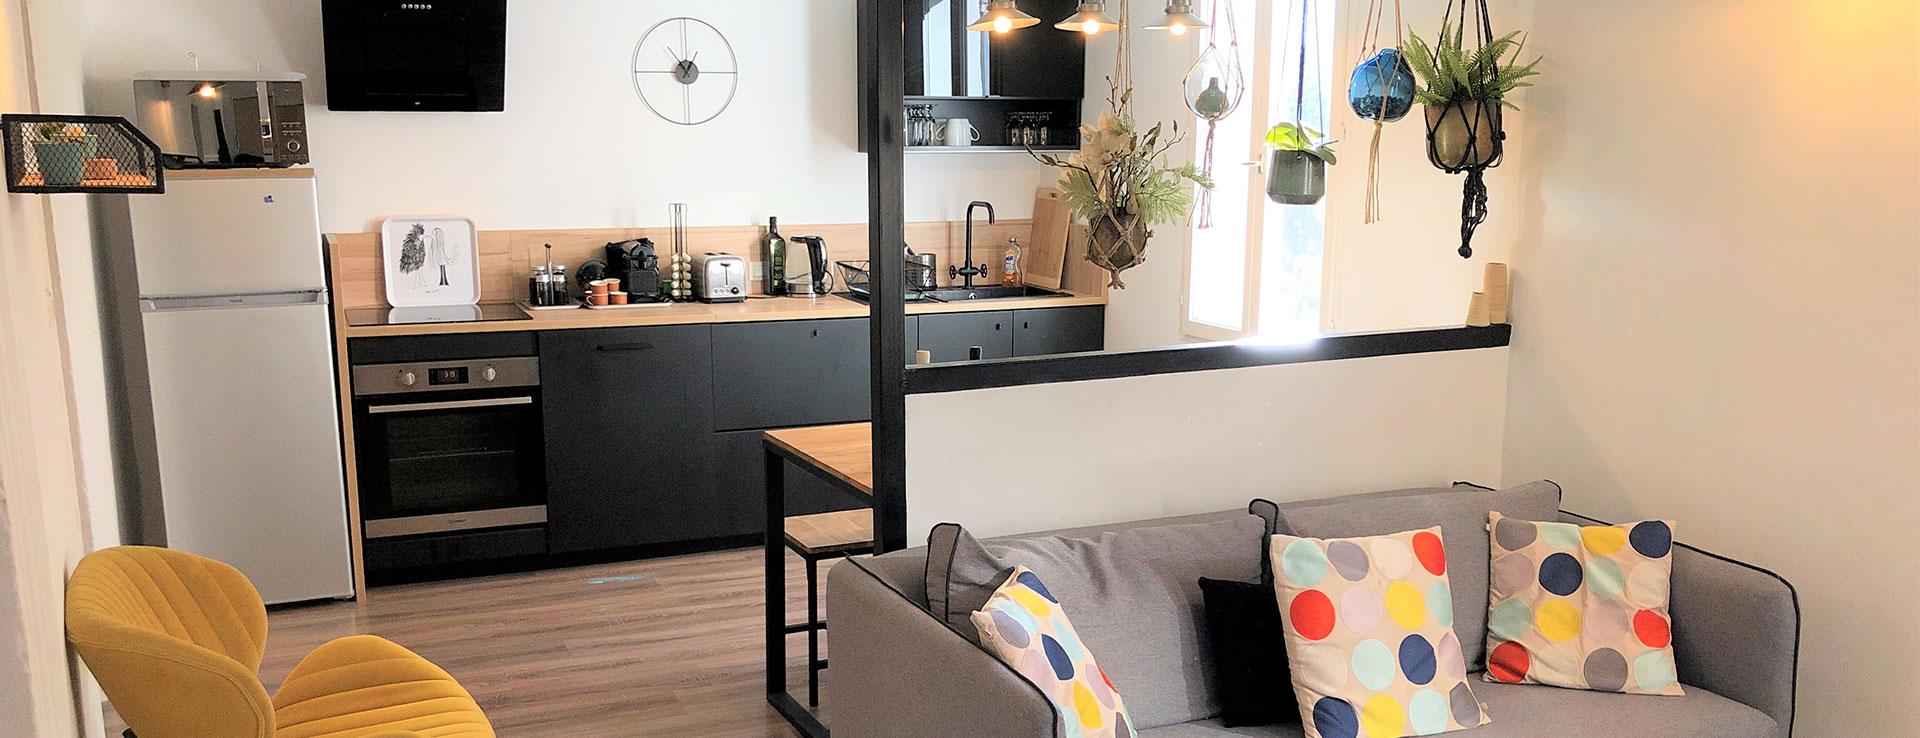 Appartement le moulin d'Avignon 1